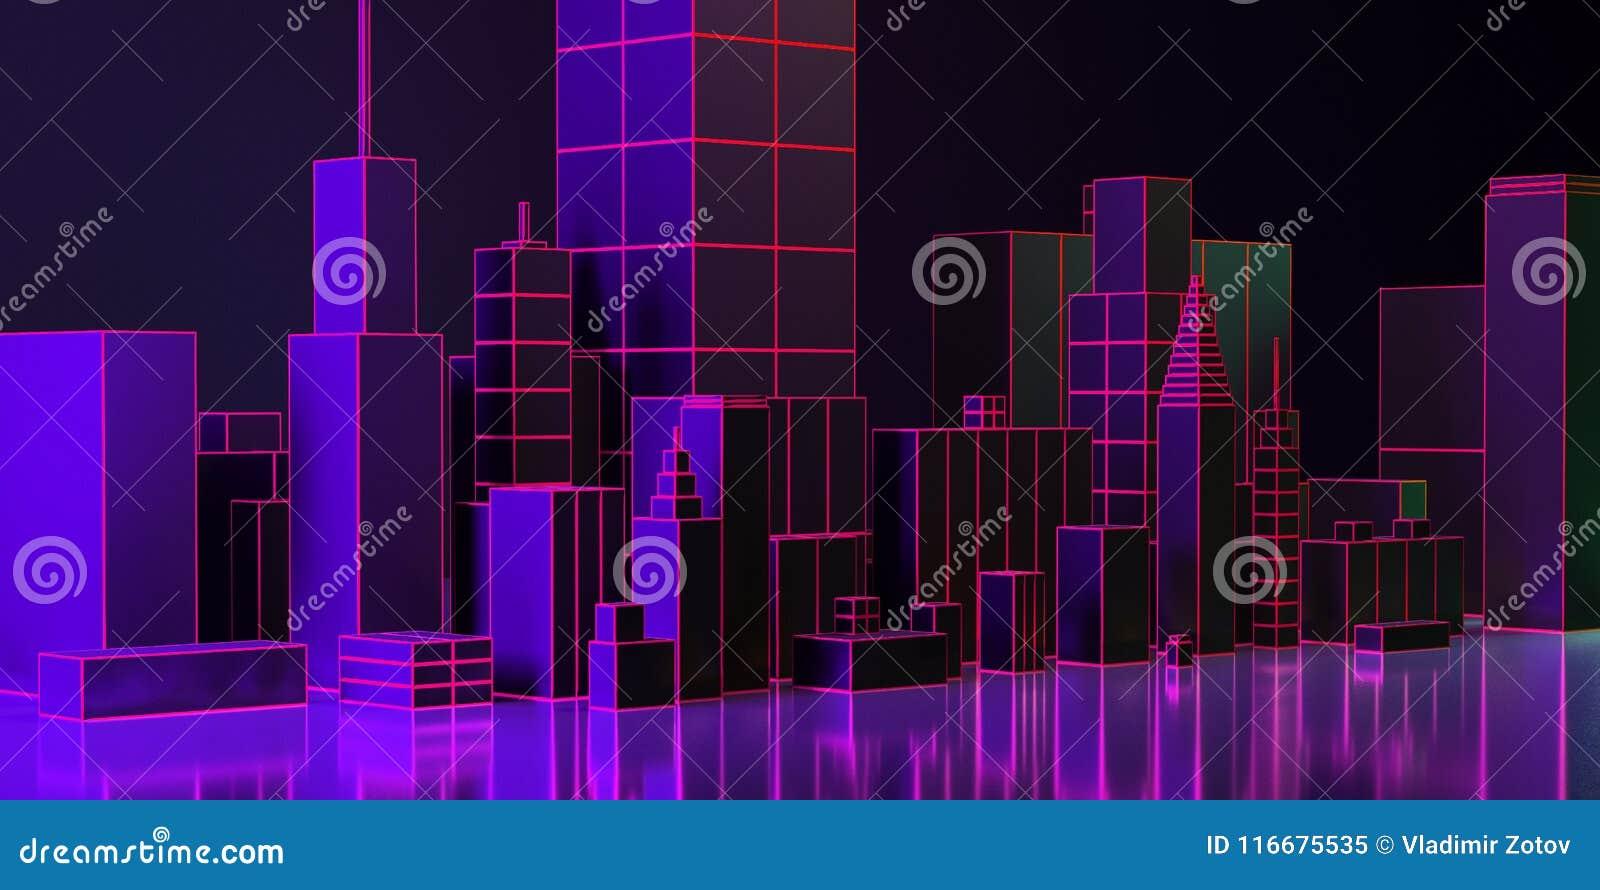 иллюстрация 3d План города ночи с неоновым заревом и яркими цветами